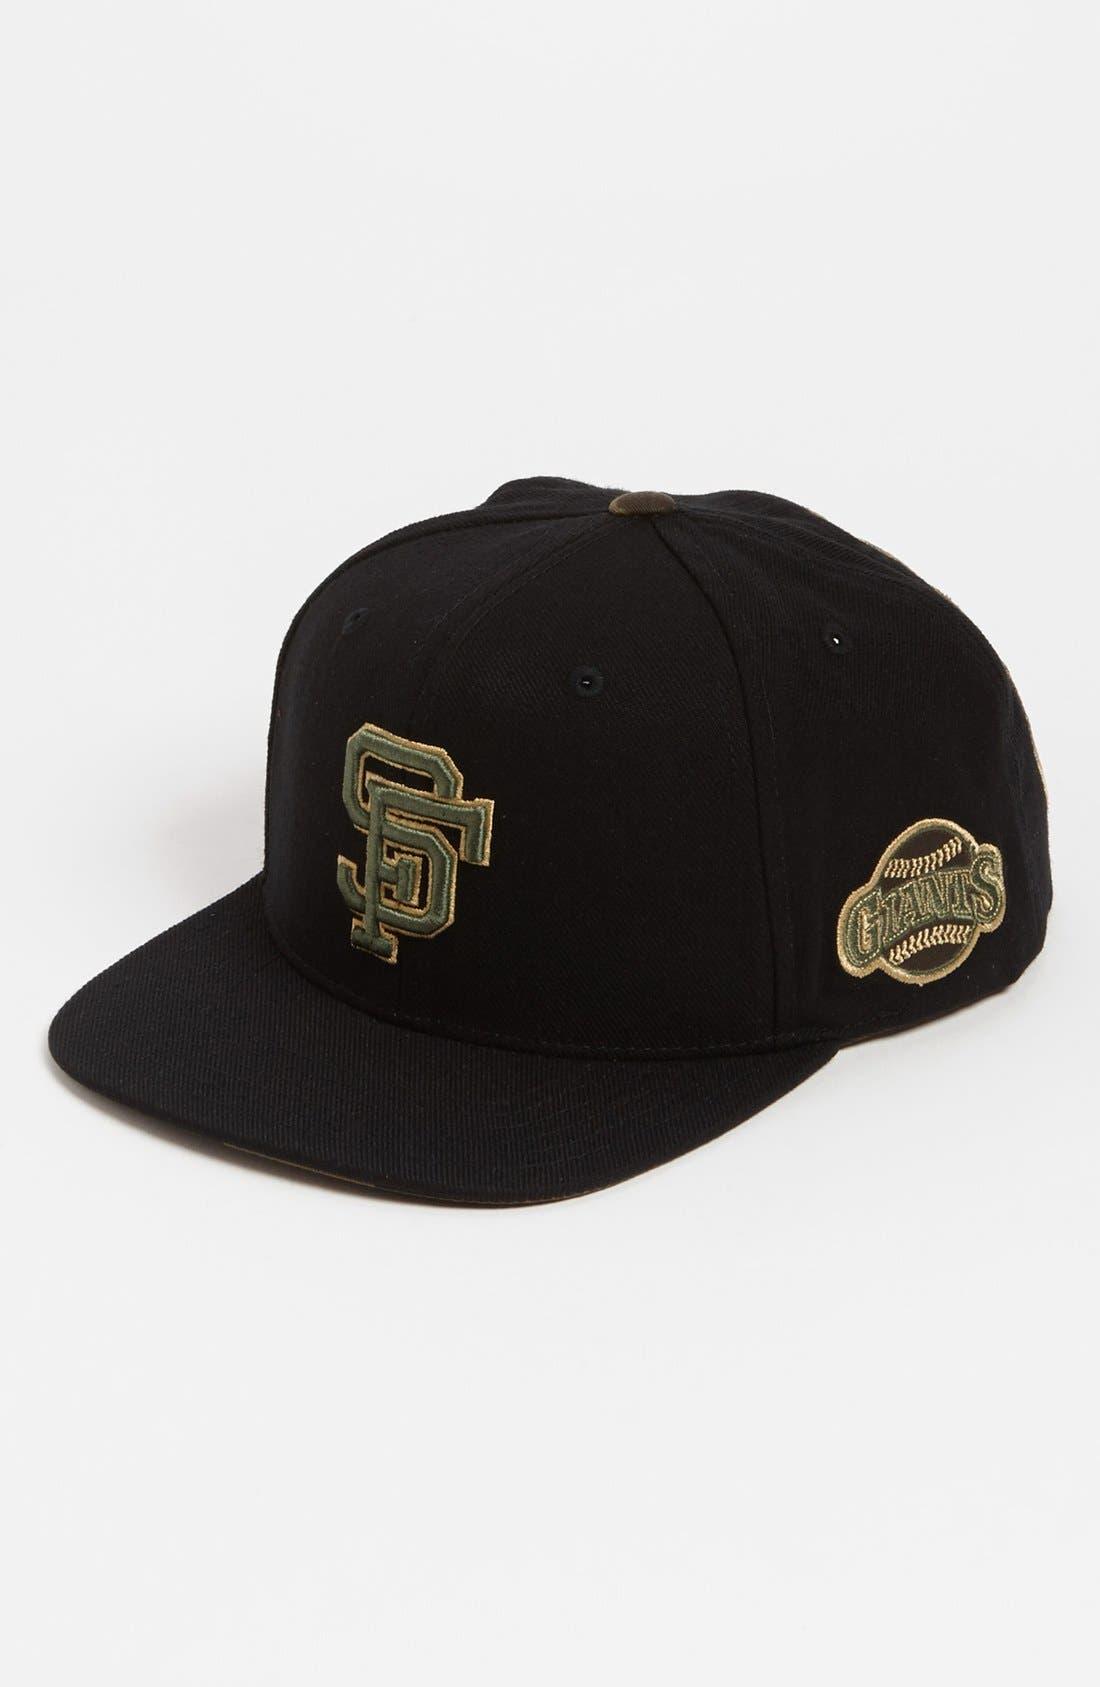 Alternate Image 1 Selected - American Needle 'San Francisco Giants - Blockhead Camo' Snapback Baseball Cap